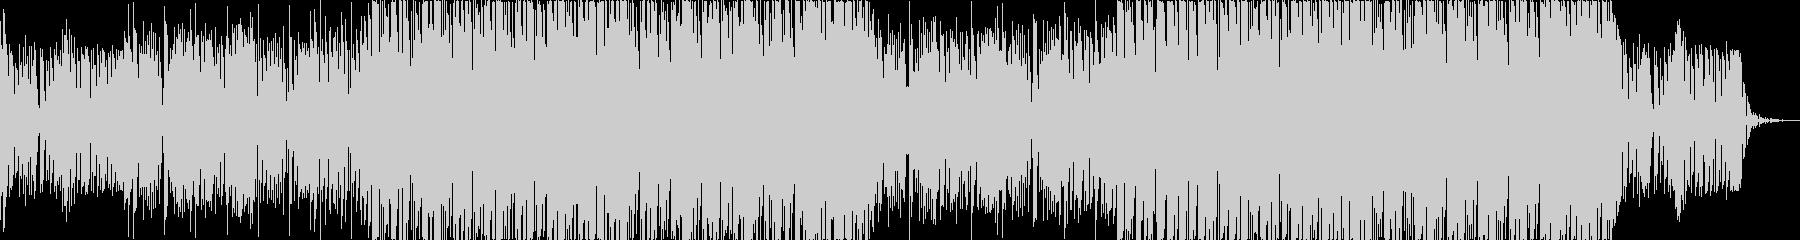 明るいコード感のデジタルポップの未再生の波形